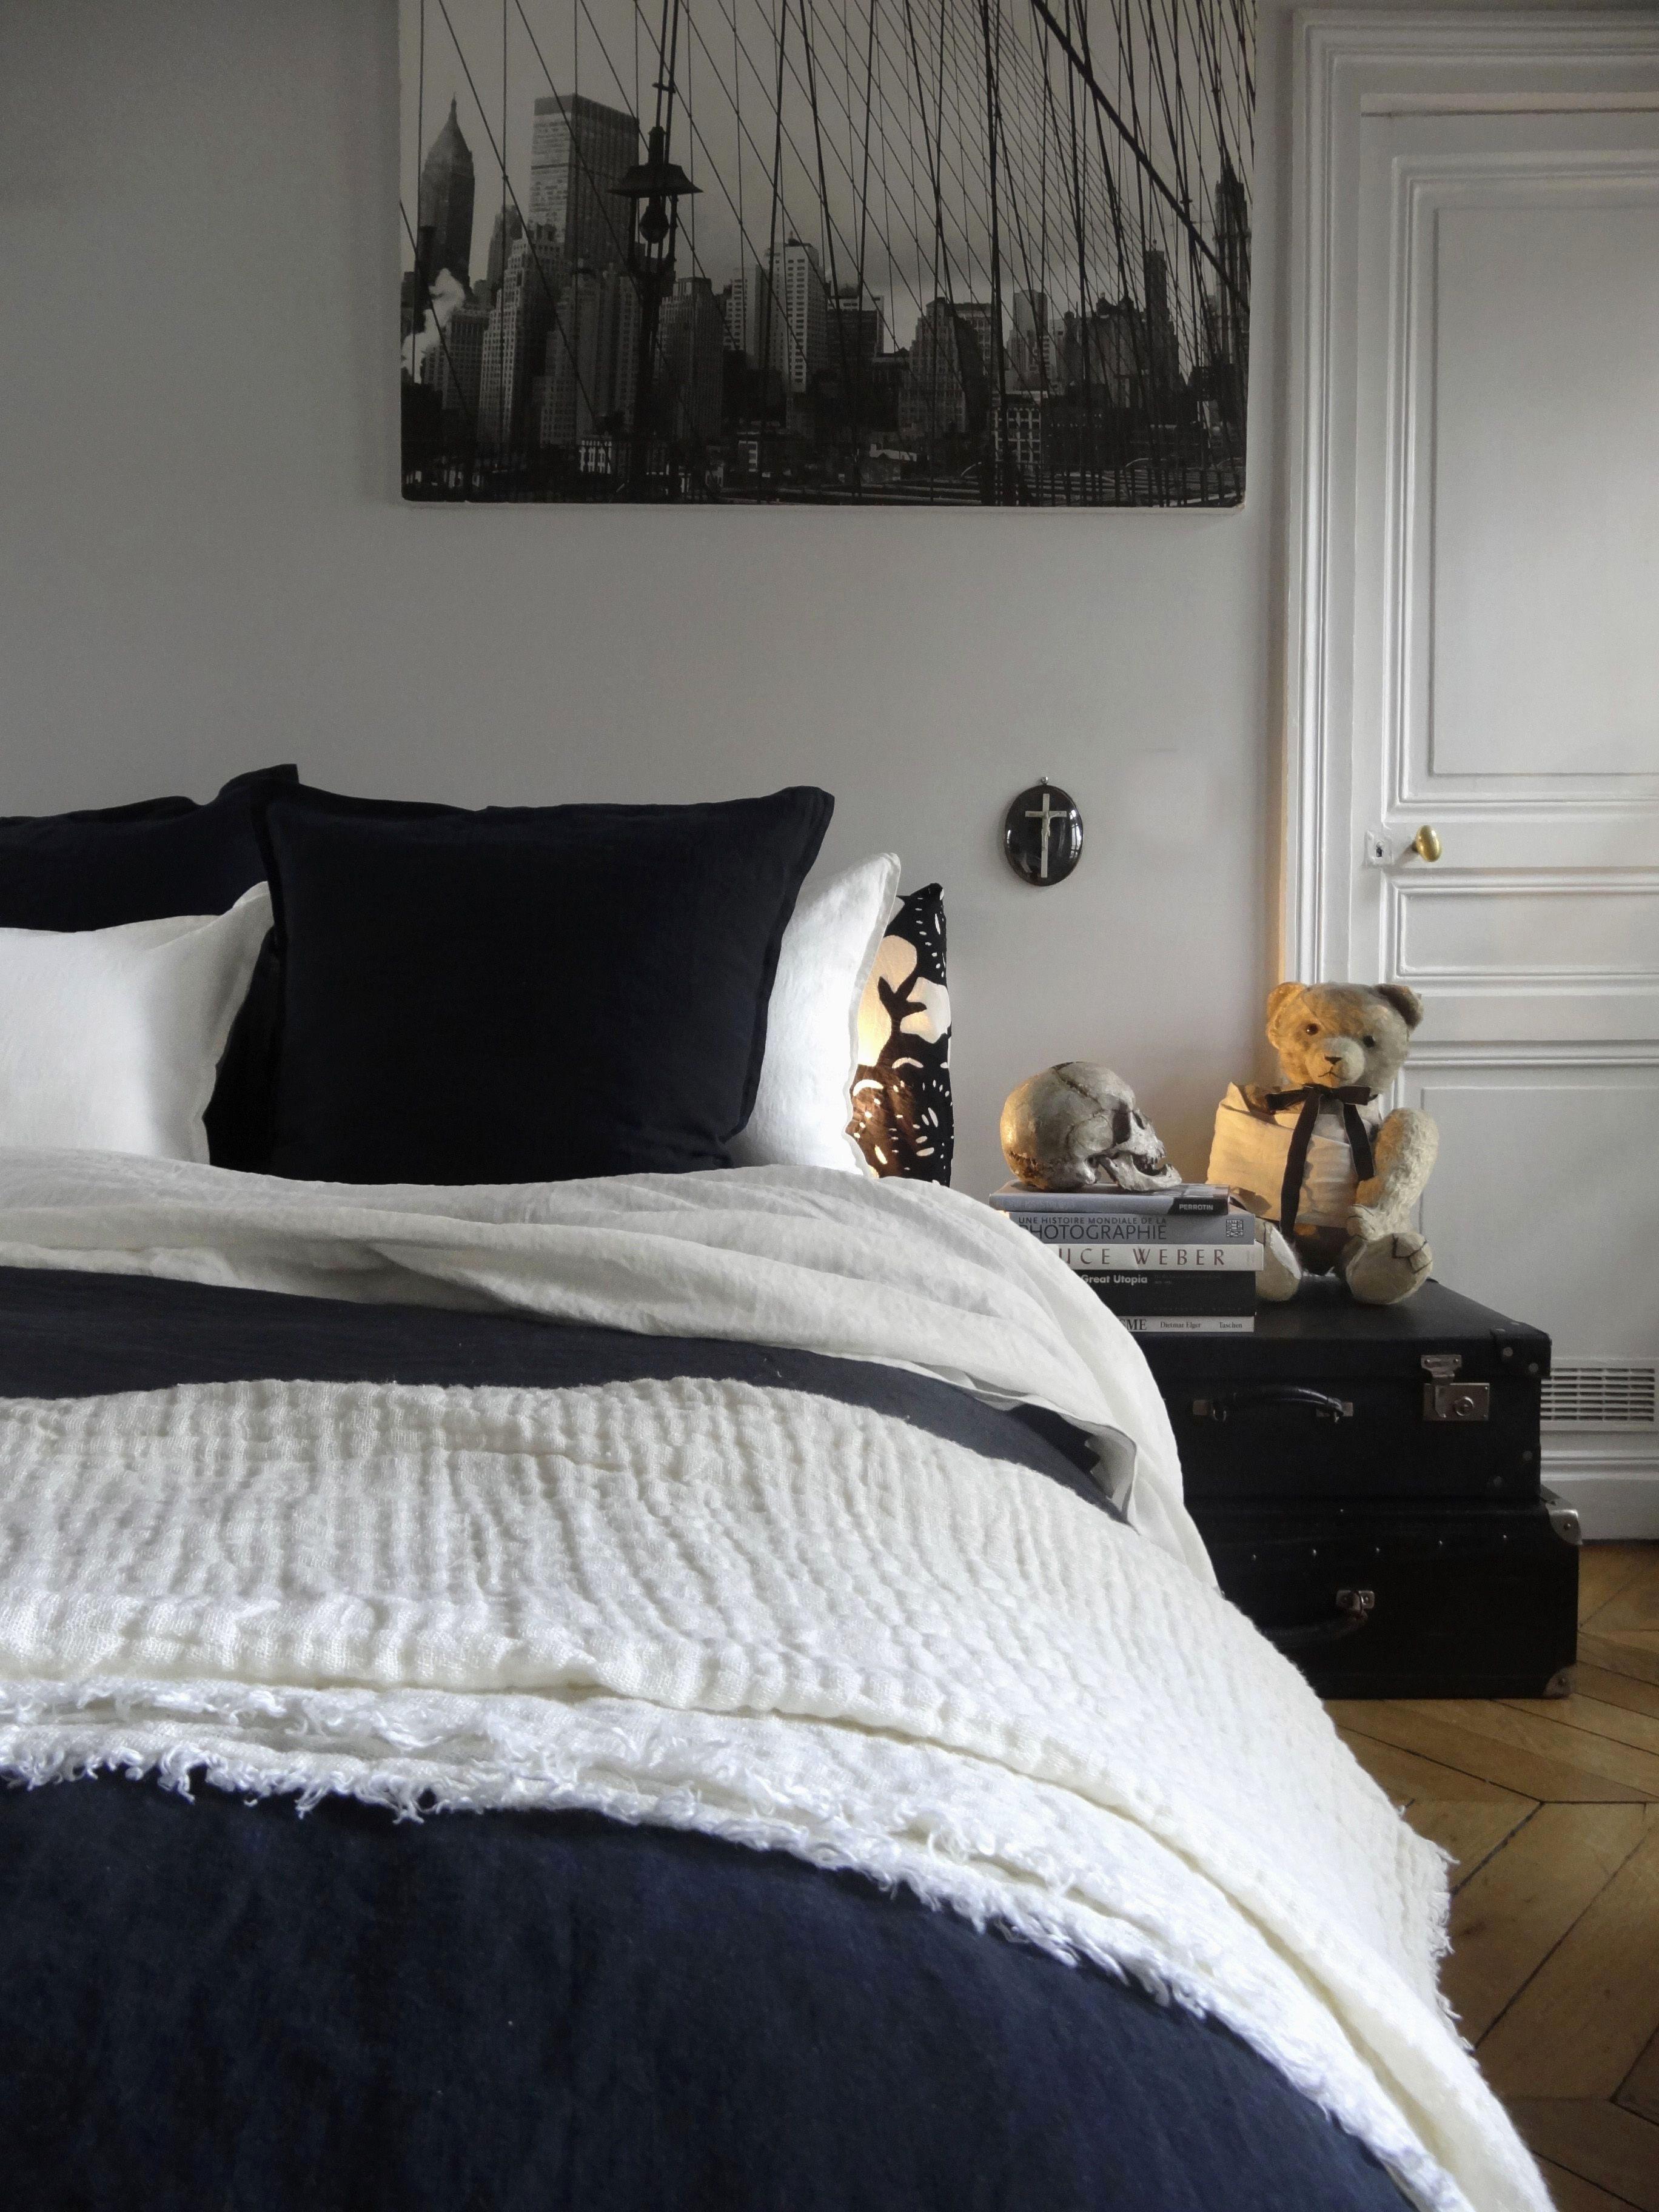 Parure De Lit Haut De Gamme De Luxe Marque Linge De Lit Linge De Lit Luxe Maison Design Apsip